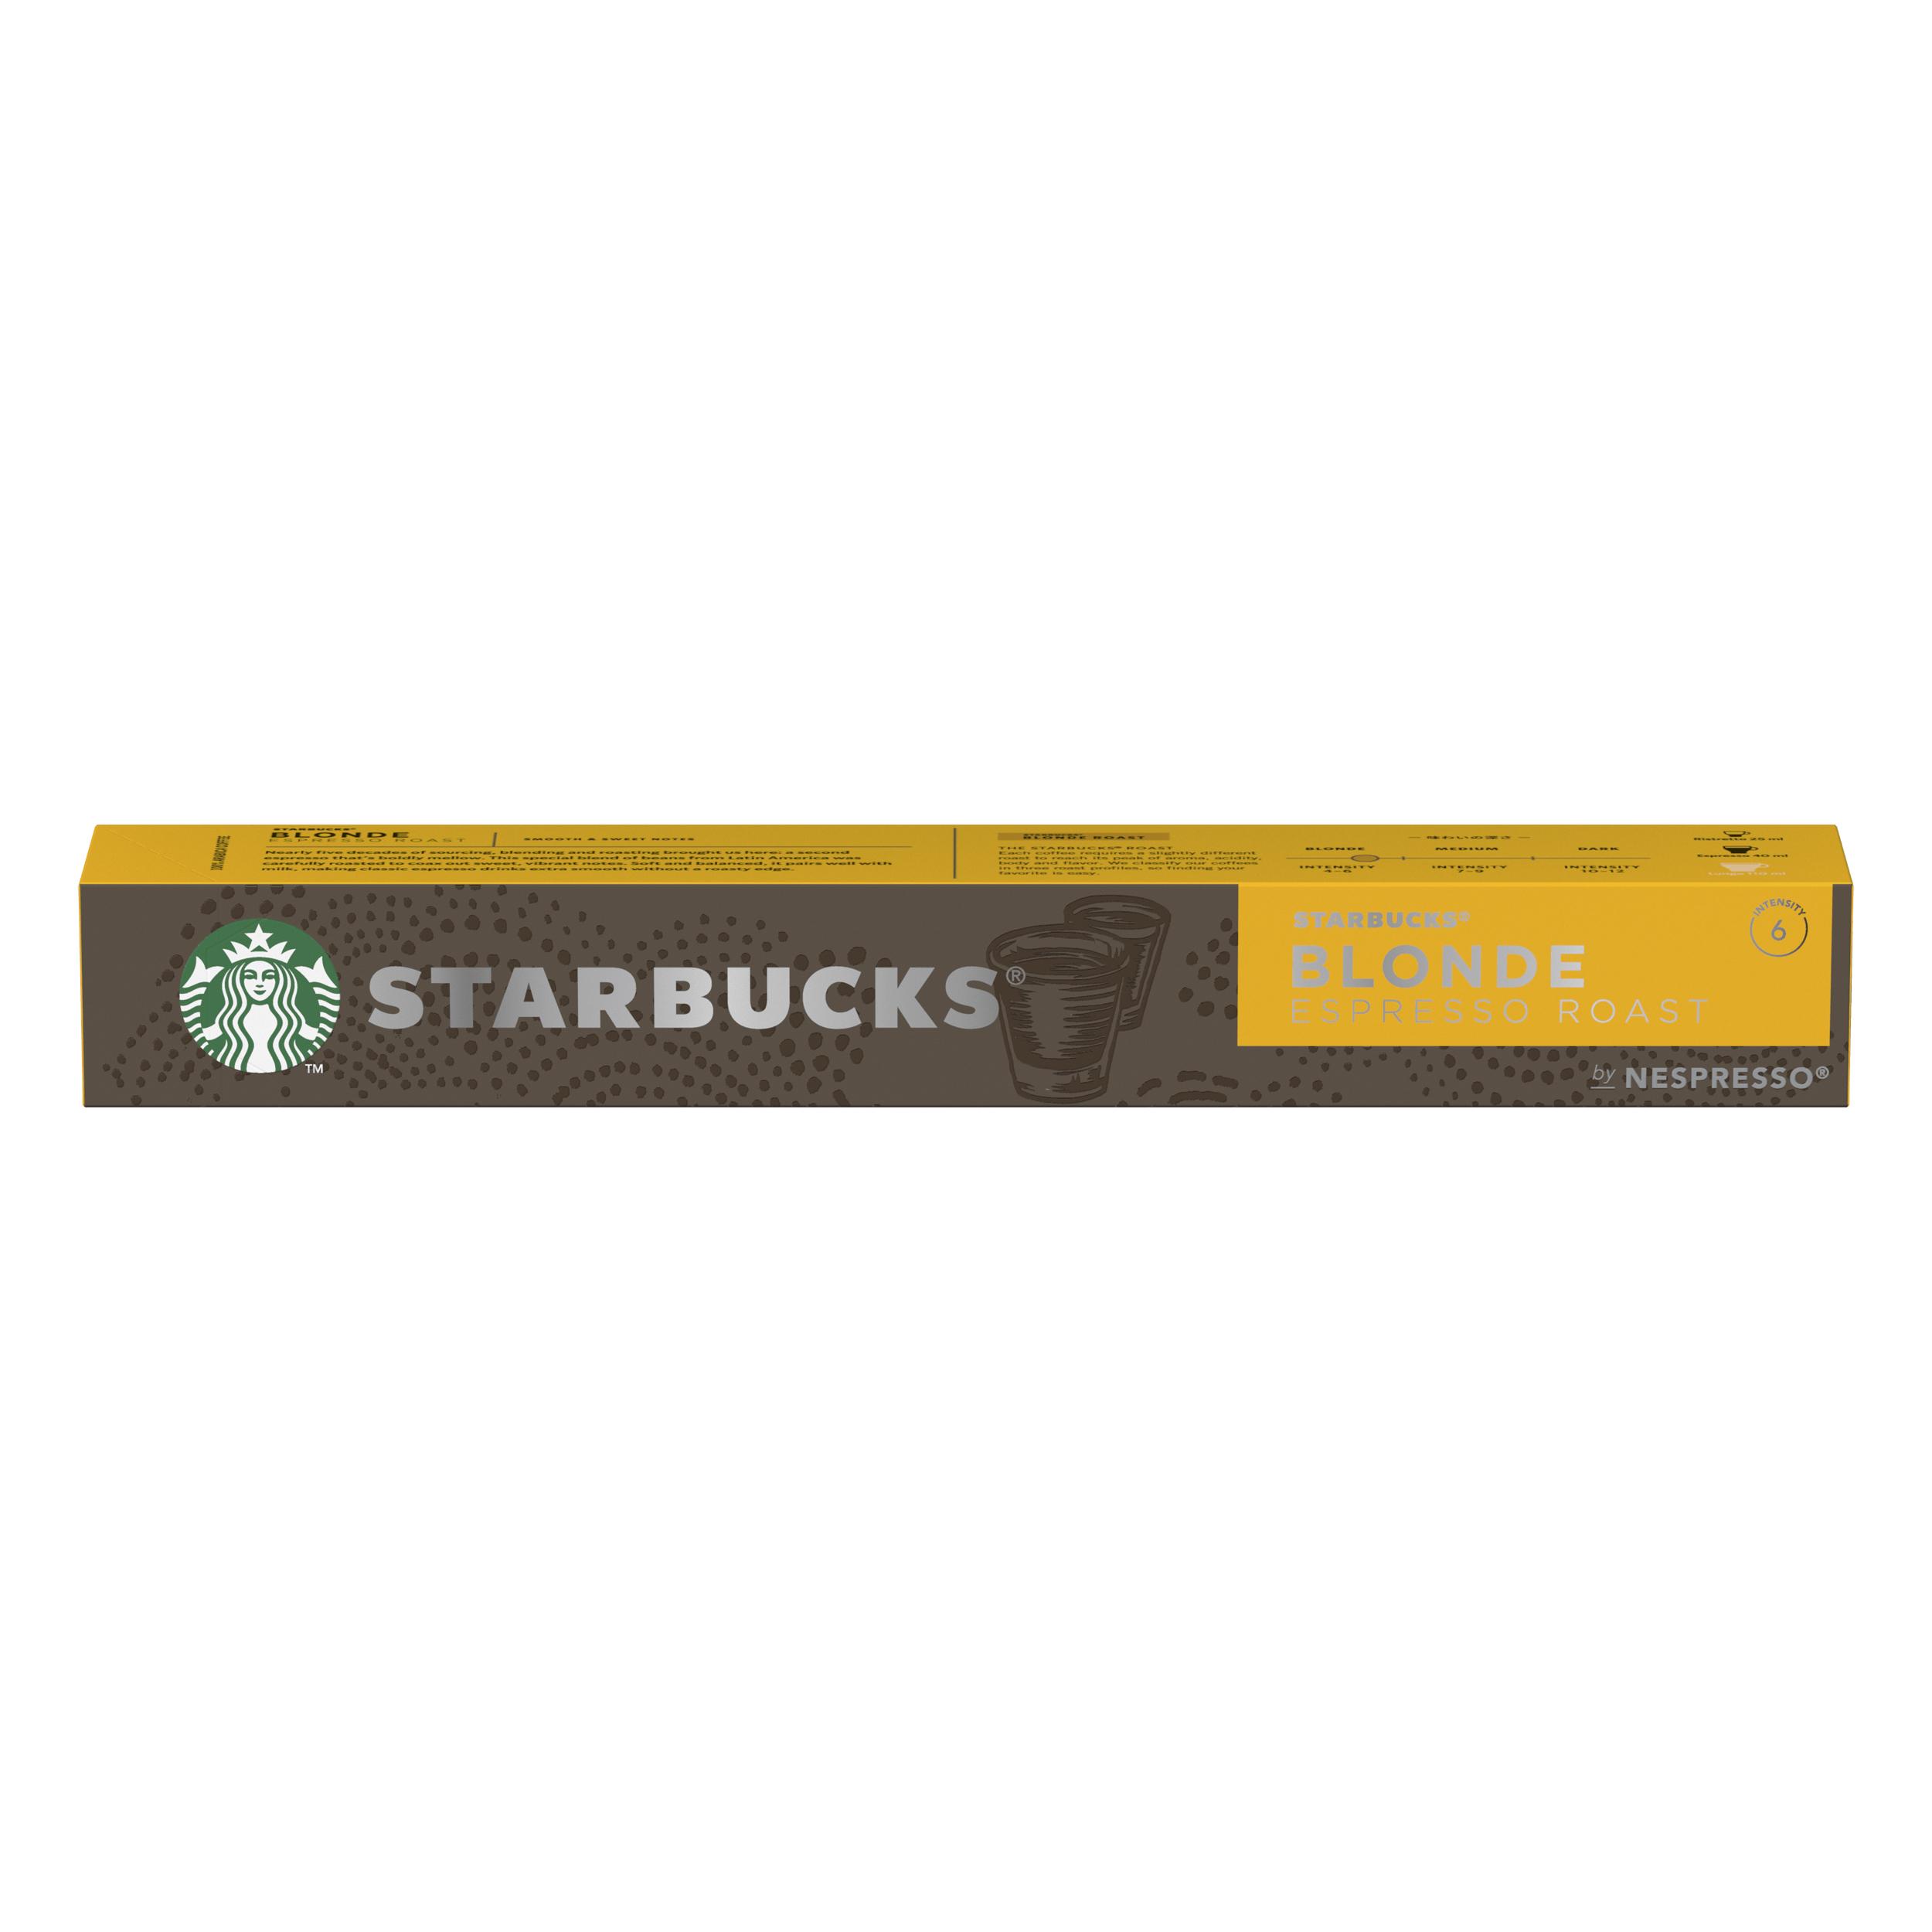 Instant coffee Starbucks by Nespresso Blonde Roast Espresso 10x12x57g 120 Pods Ref 12423392